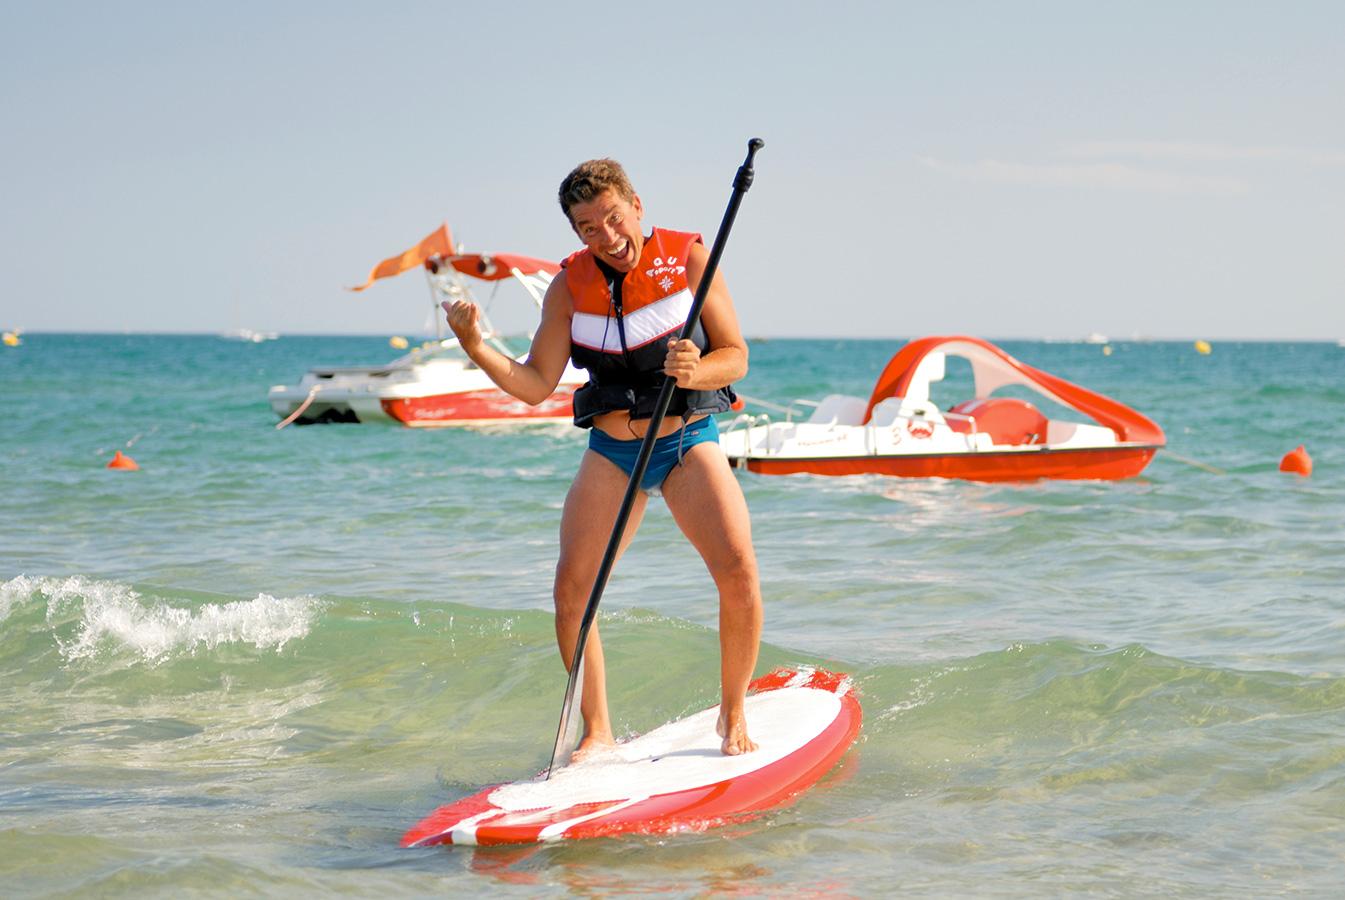 Plage privée Côté Mer - Occitanie - Hérault - Cap d'Agde - Stand Up Paddle